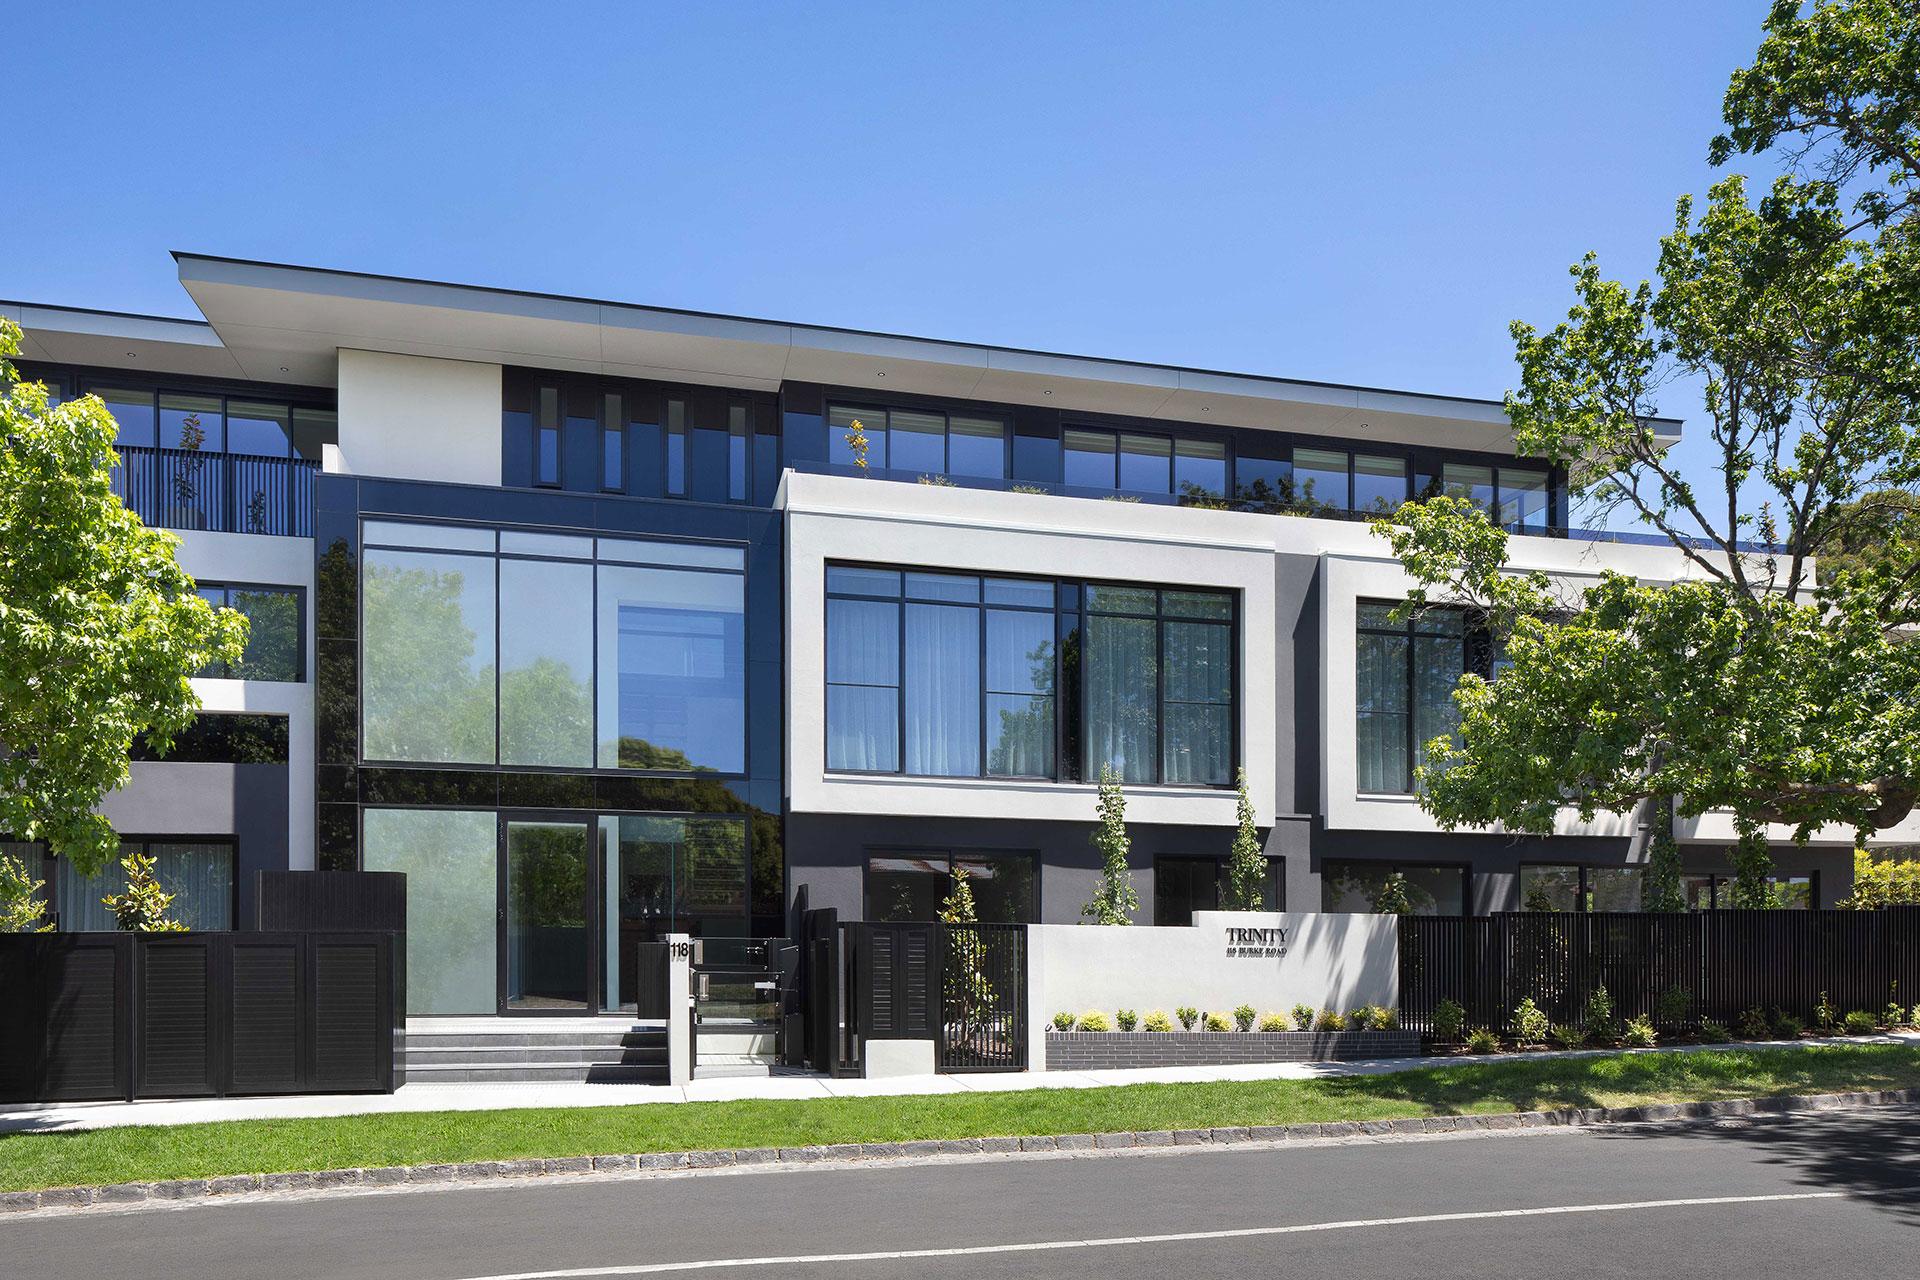 malvern apartments exterior street facade & entryway design